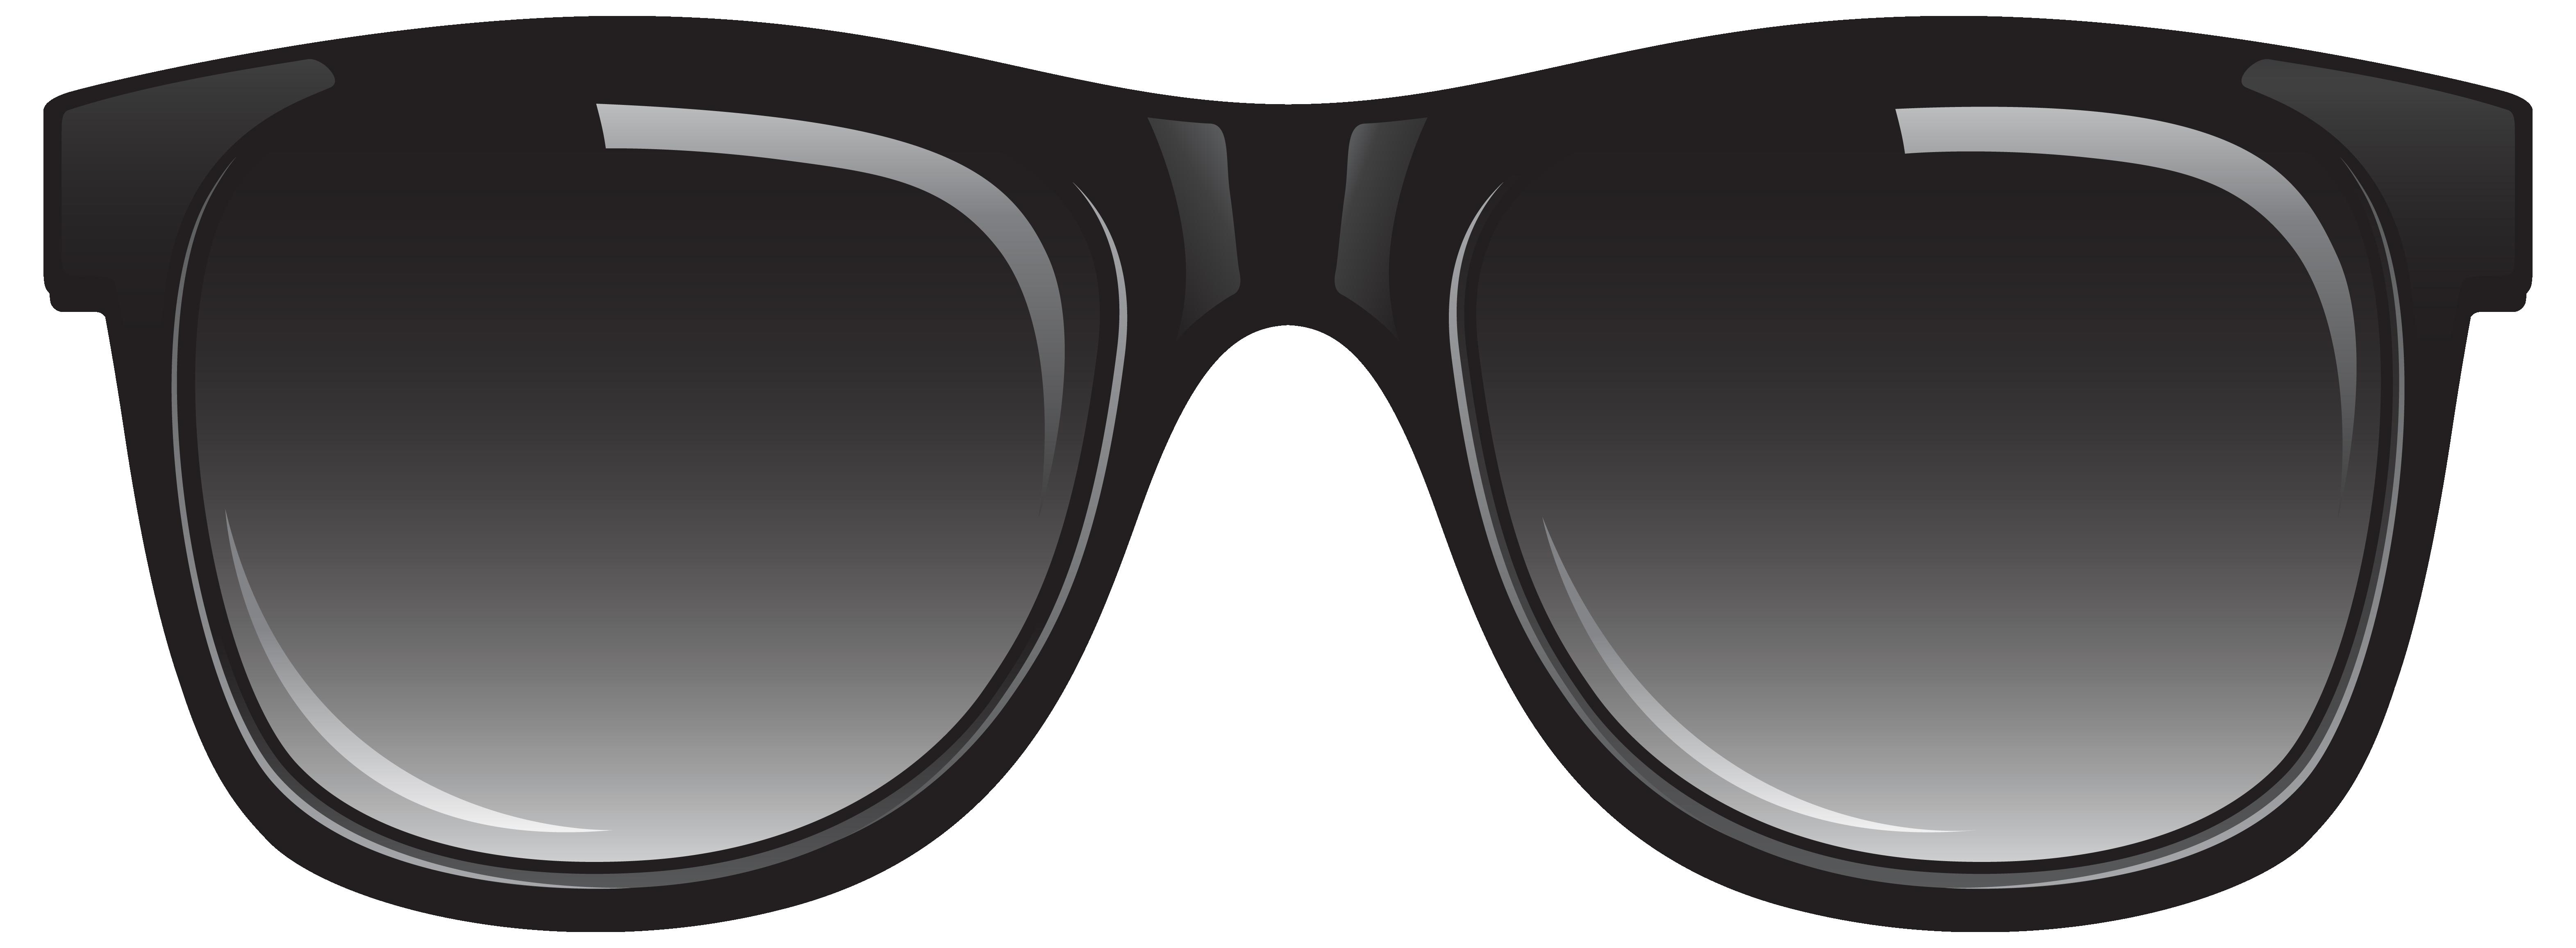 Sunglasses clipart free clip art 2 clipartwiz 3